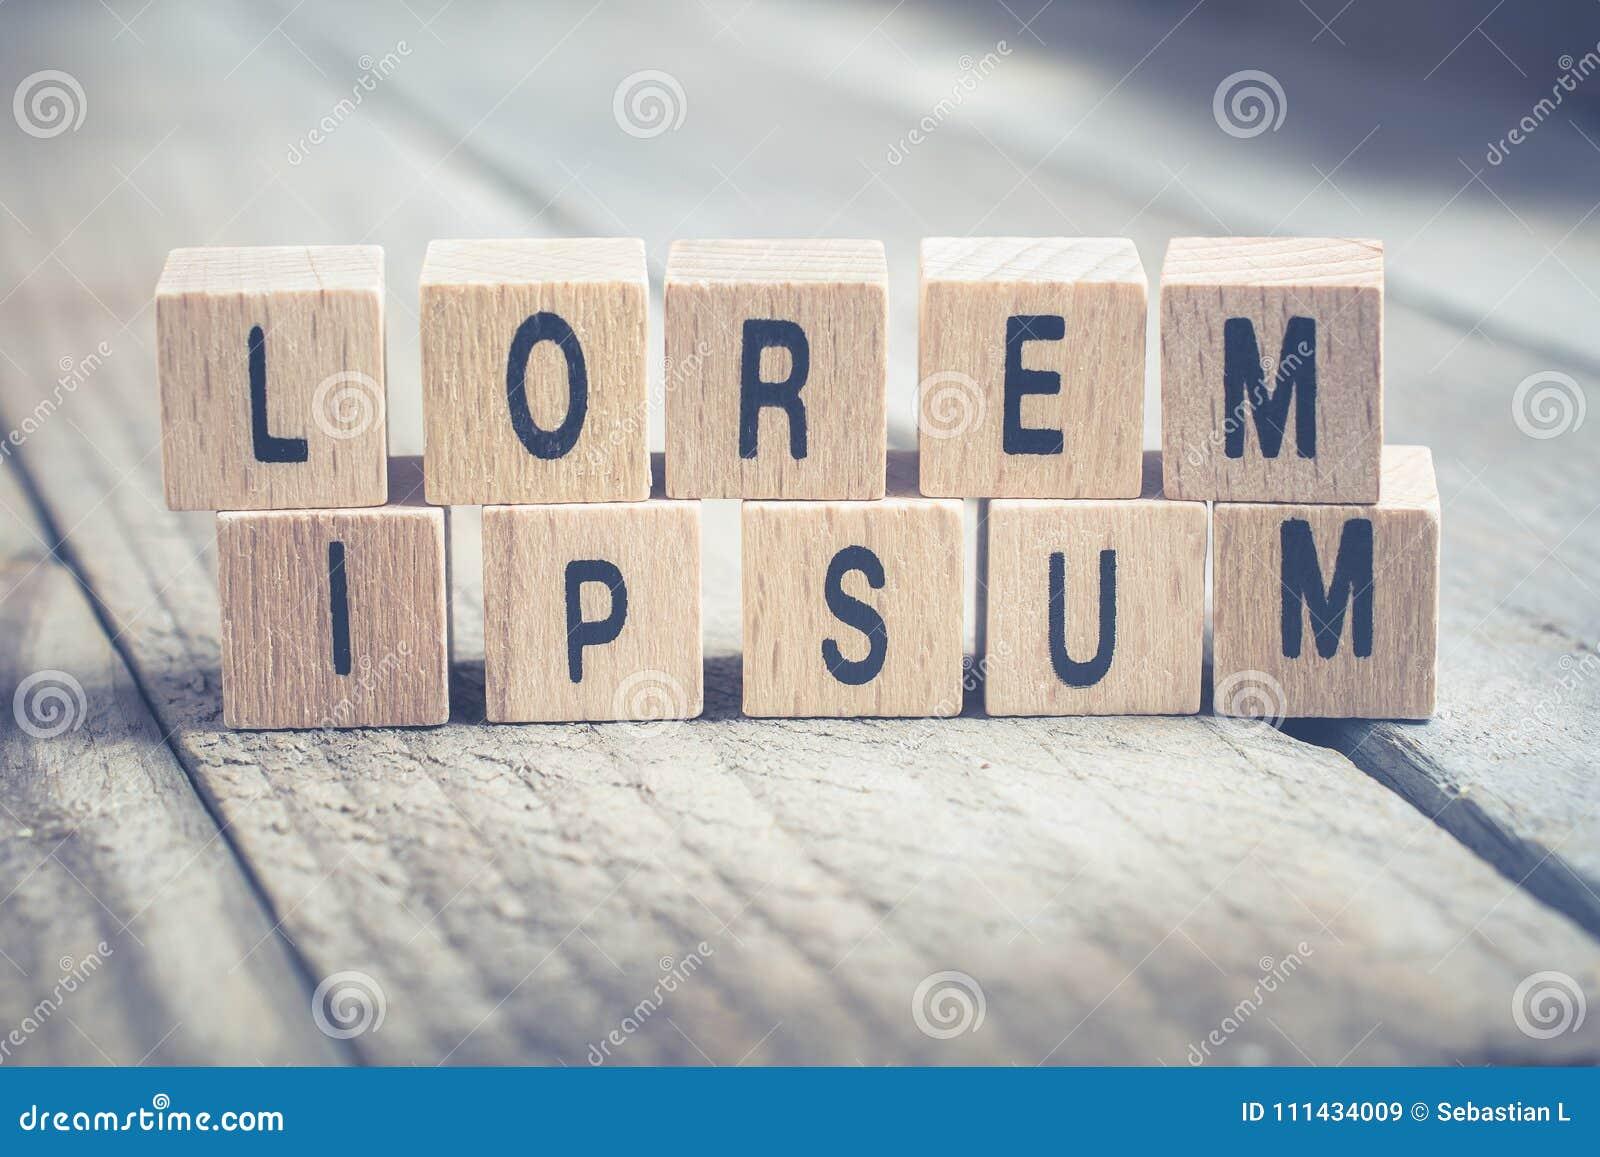 Μακροεντολή των λέξεων Lorem Ipsum που διαμορφώνεται από τους ξύλινους φραγμούς σε ένα ξύλινο πάτωμα